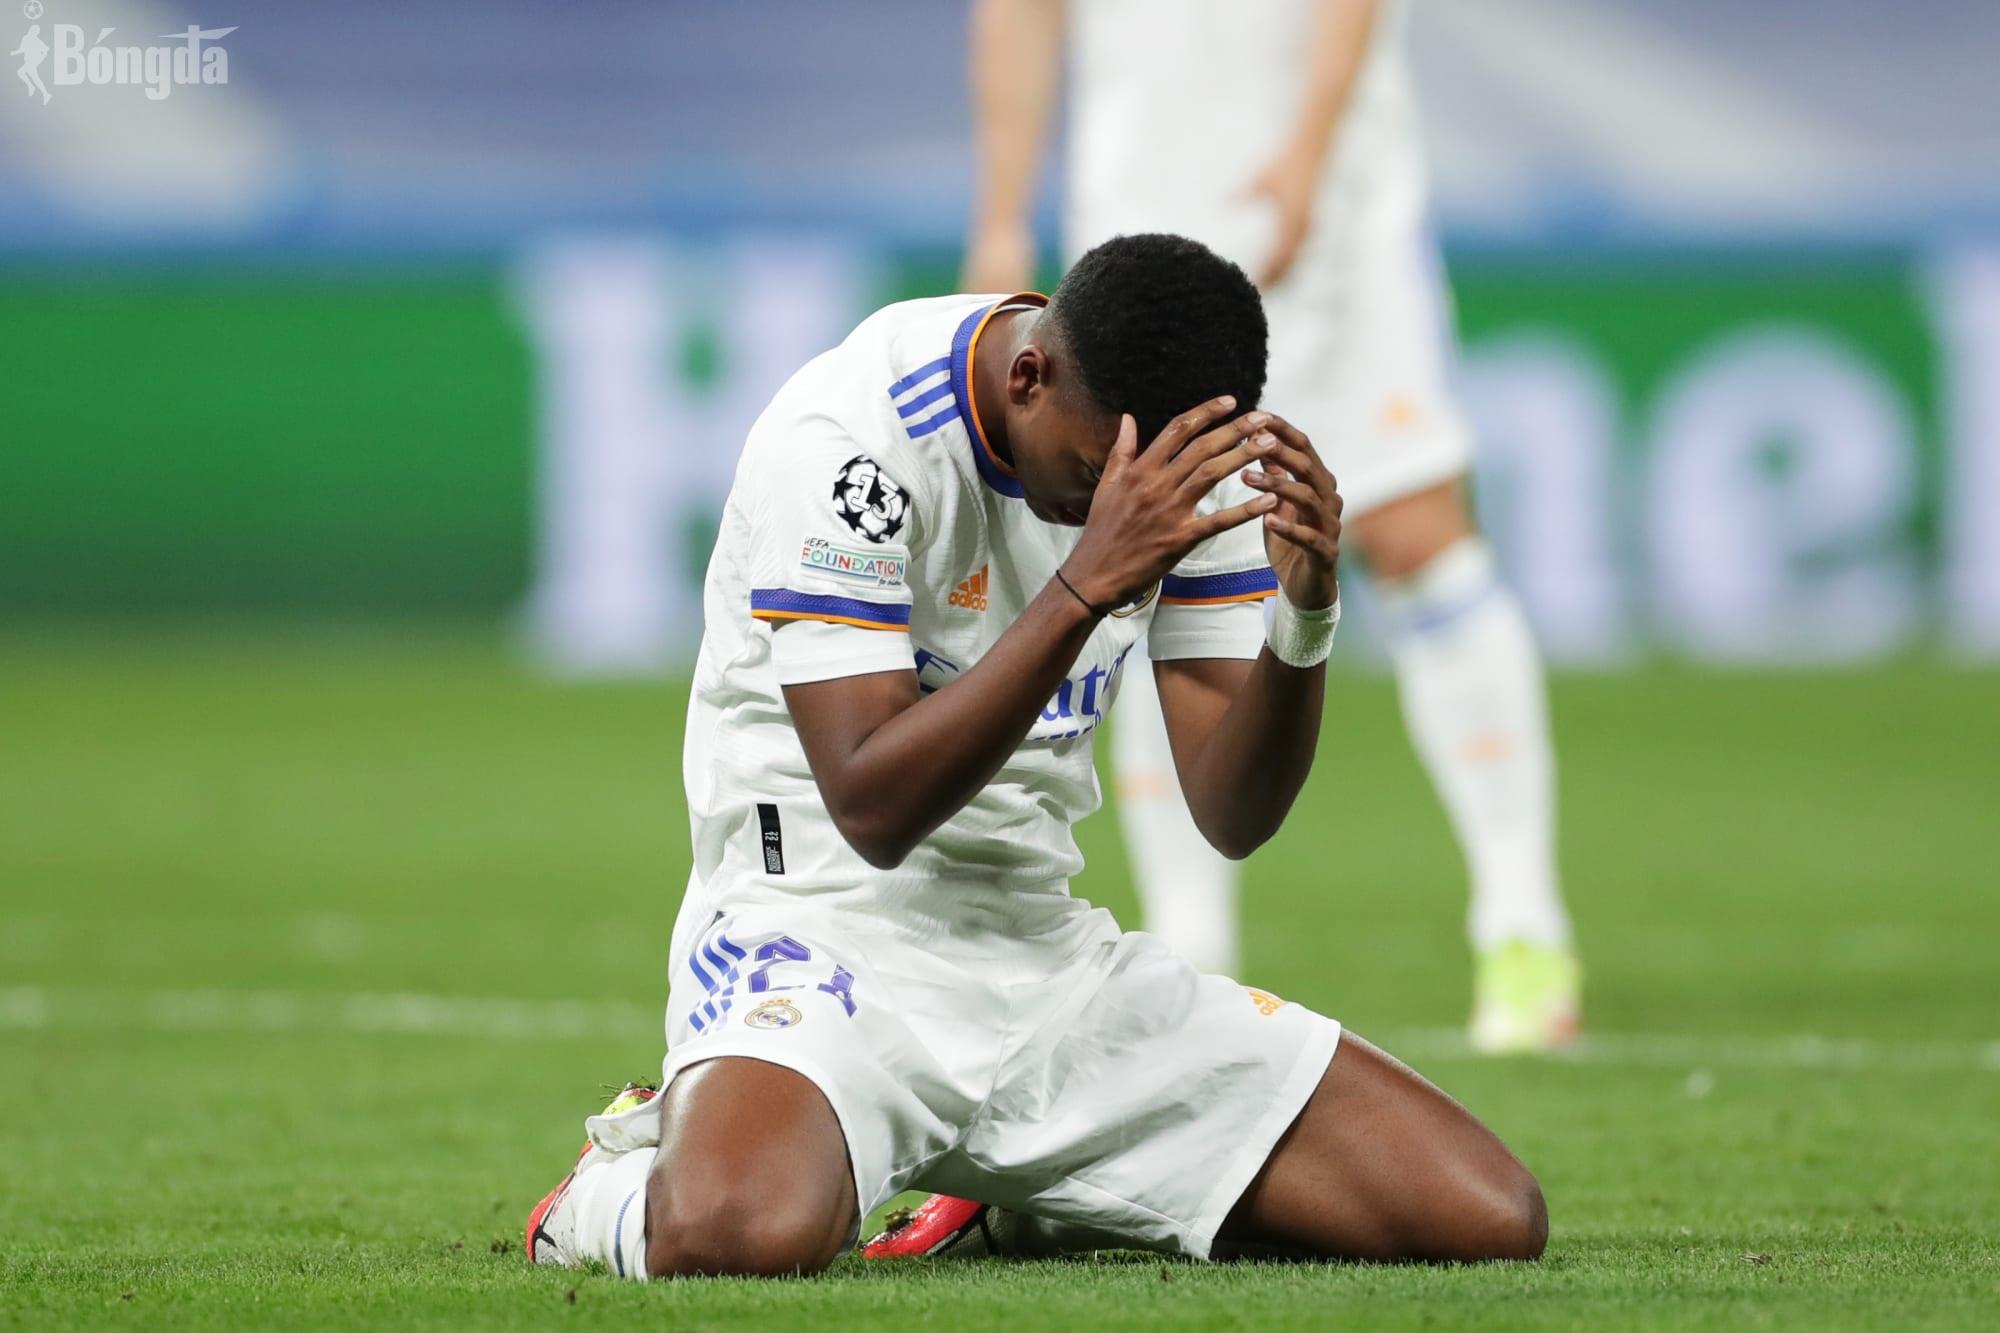 Real Madrid bị đánh bại trên sân nhà, Inter Milan cầm hoà không bàn thắng